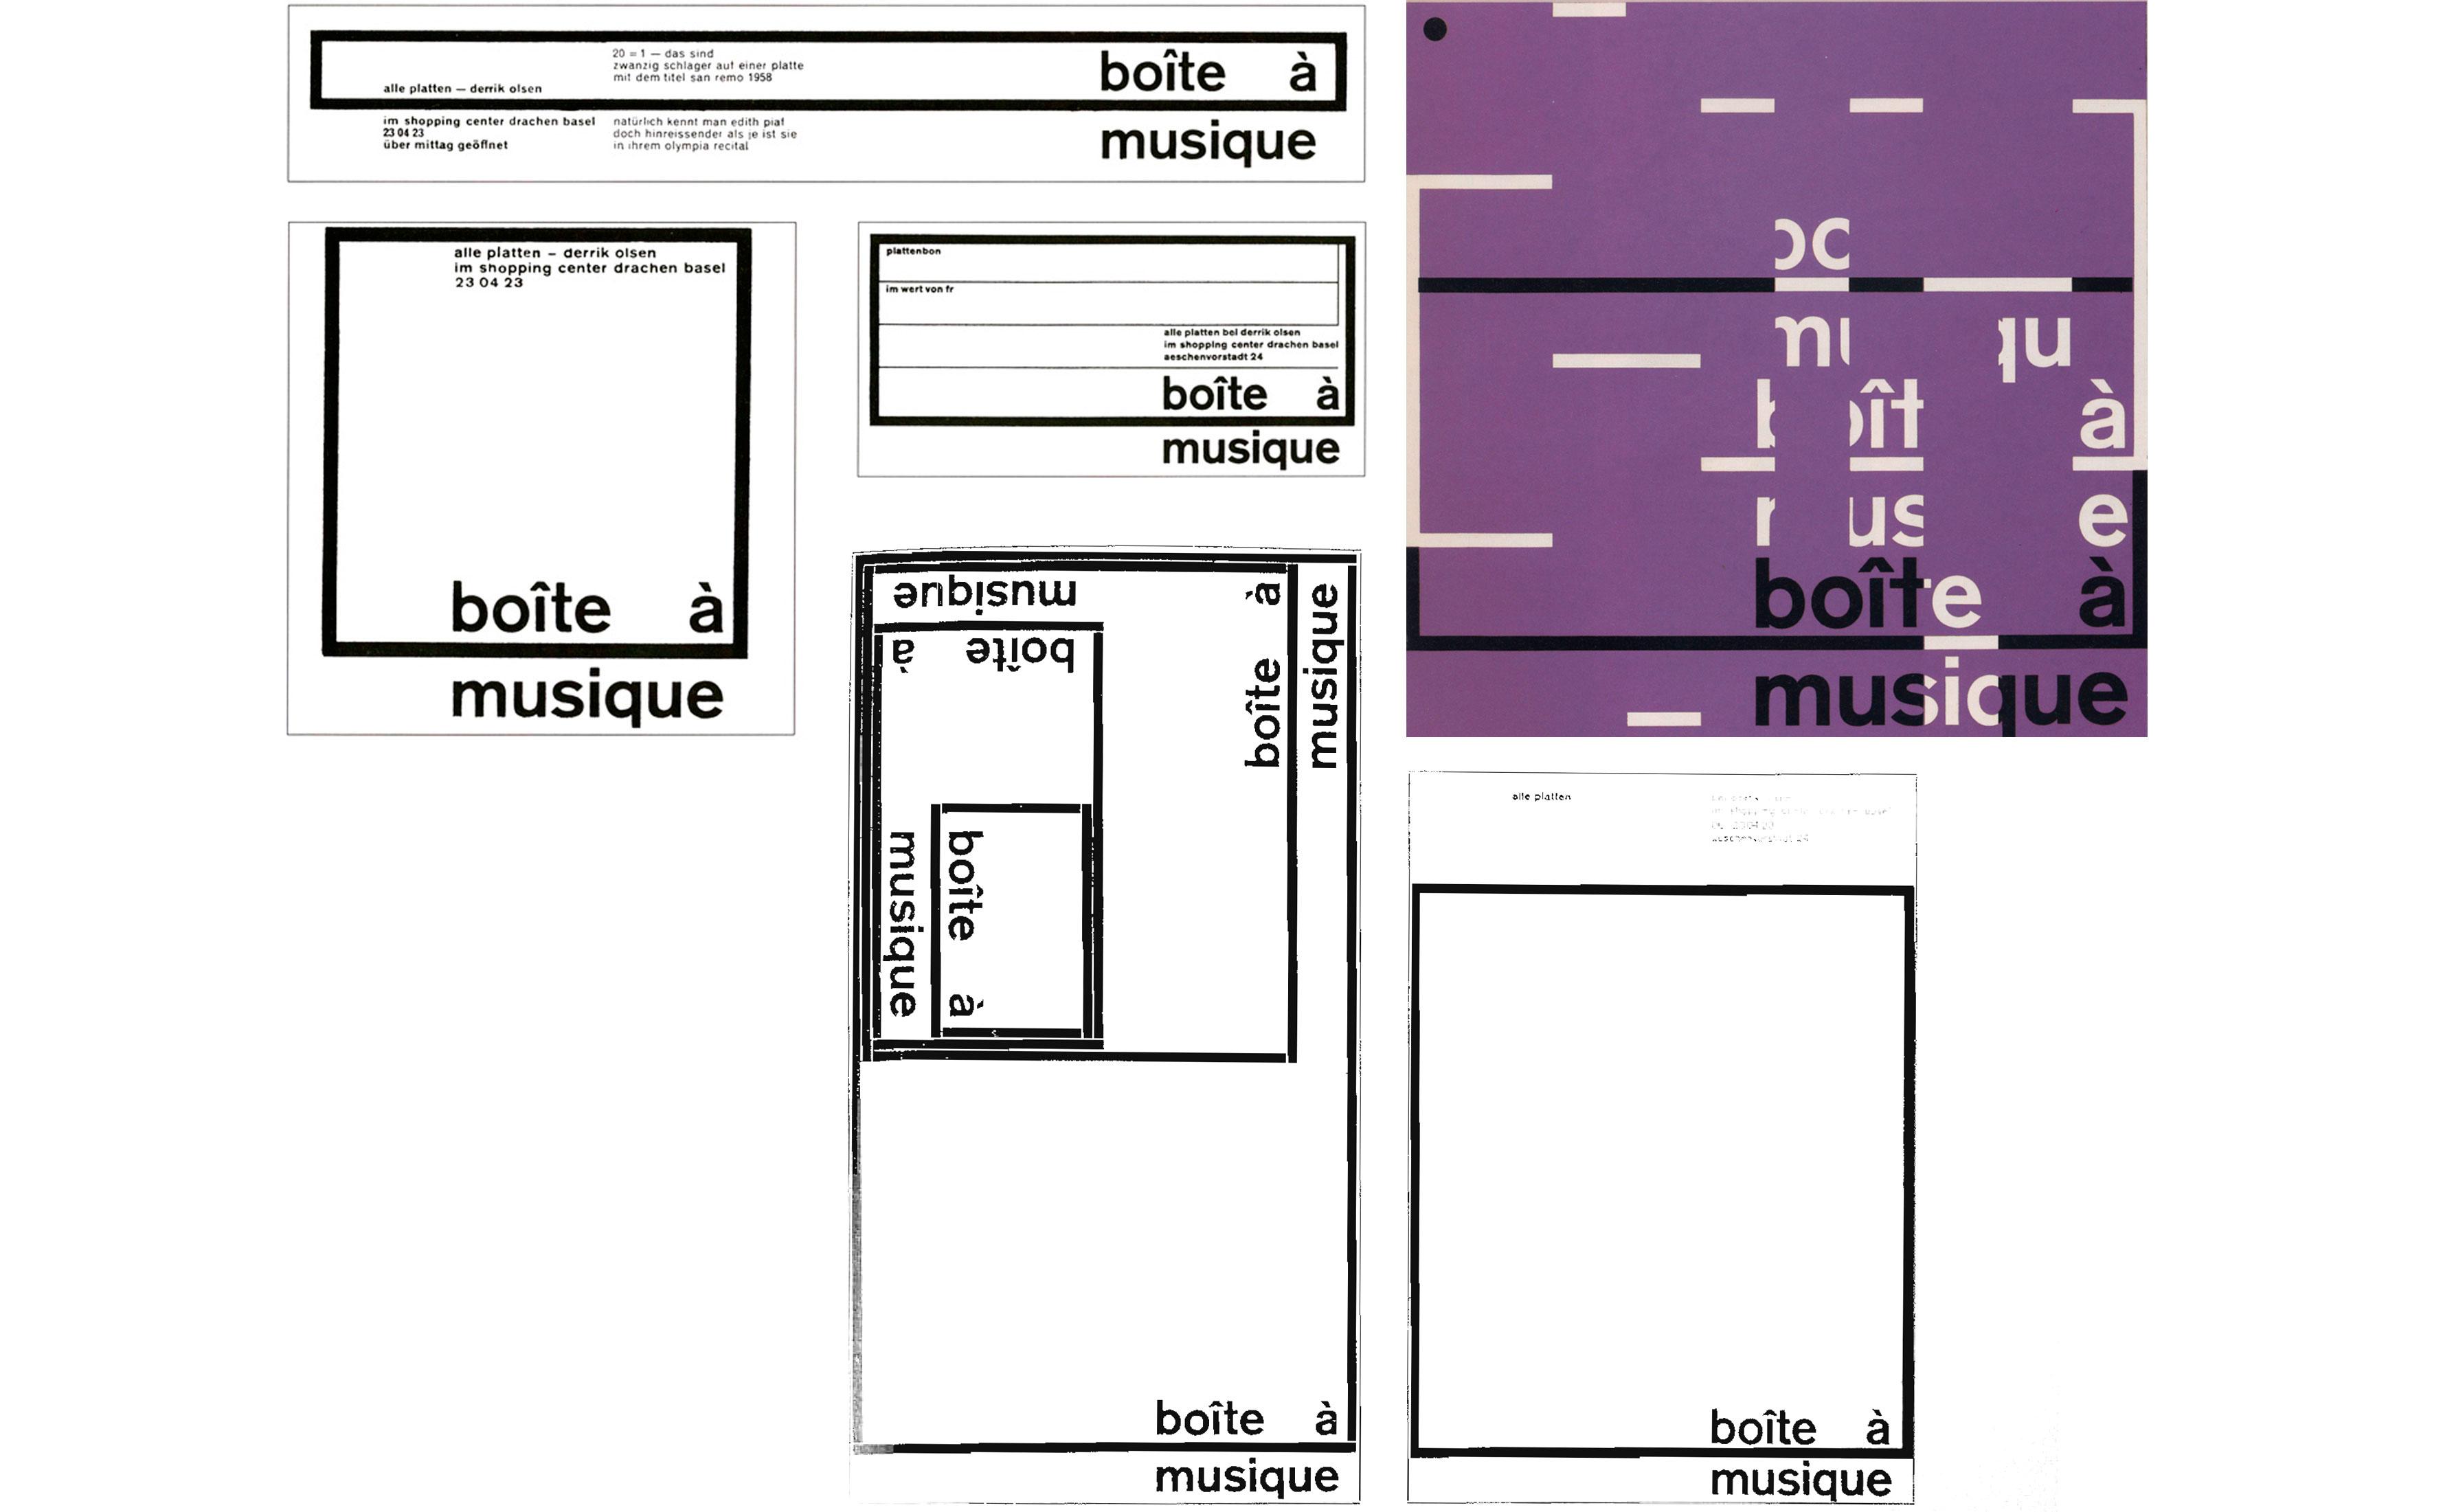 Karl-Gerstner-boite-a-musique-identite-1959